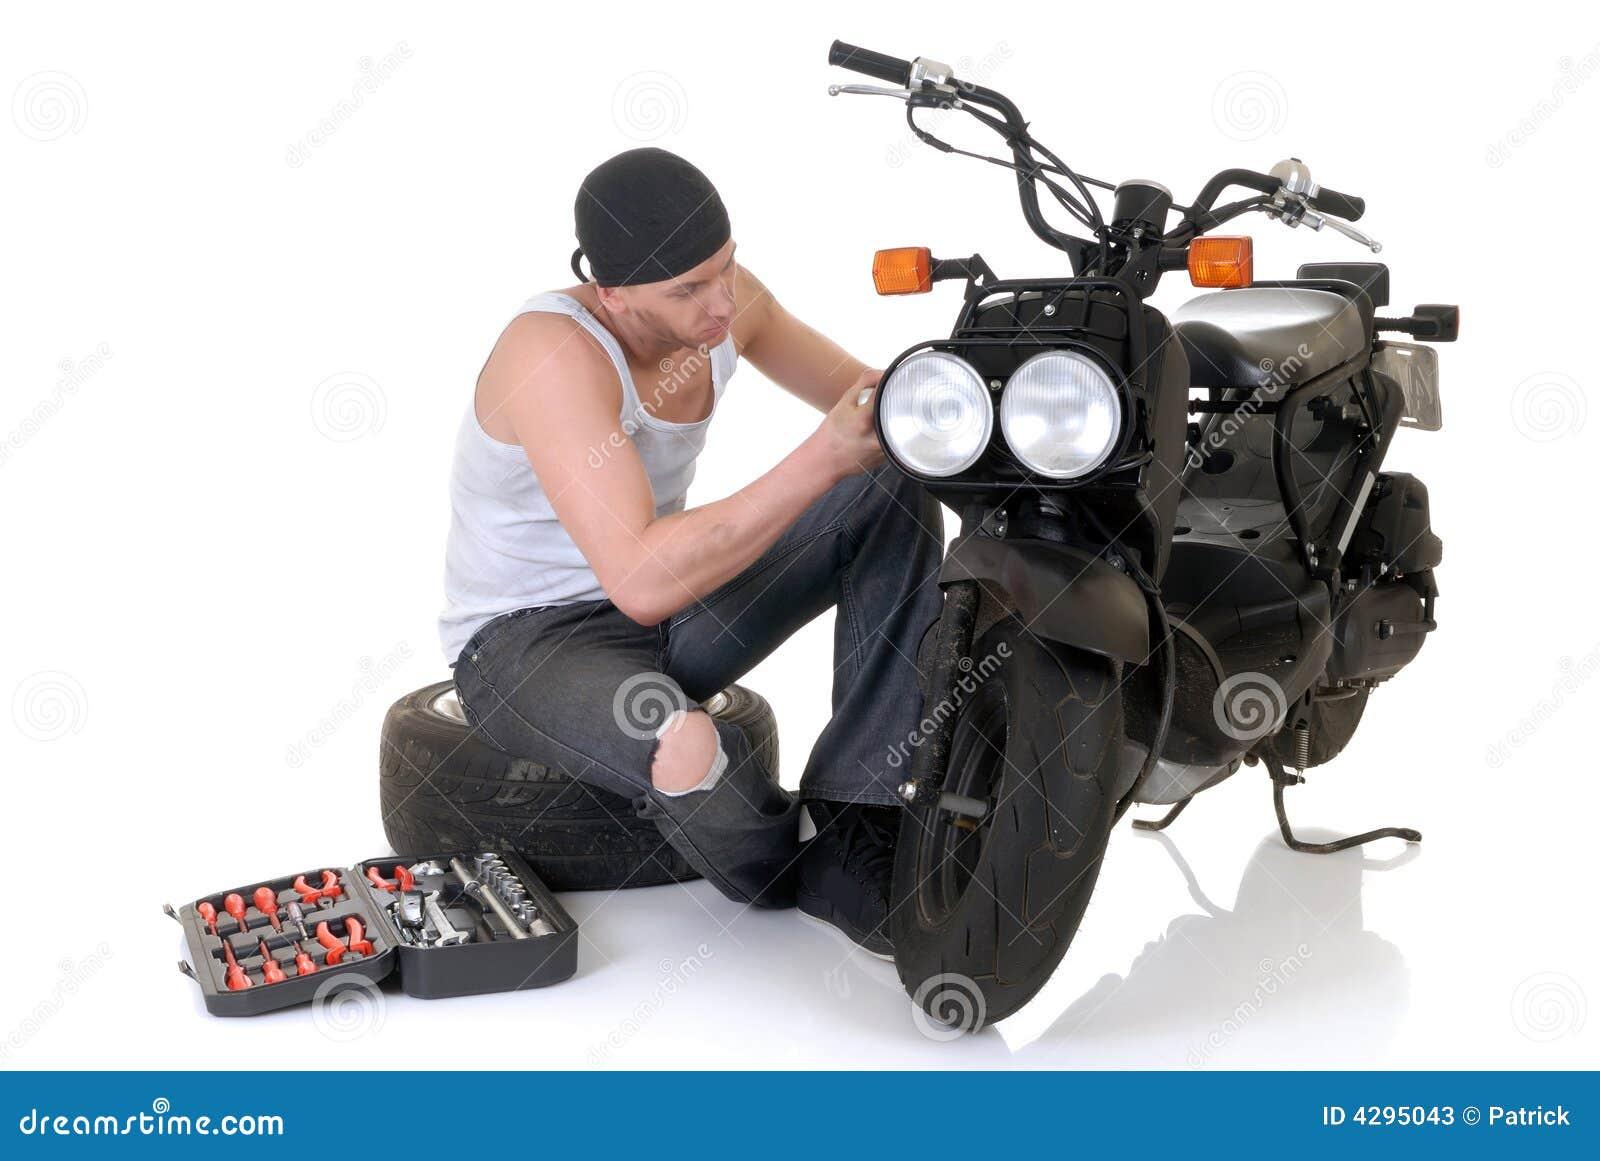 Из скутера своими руками фото